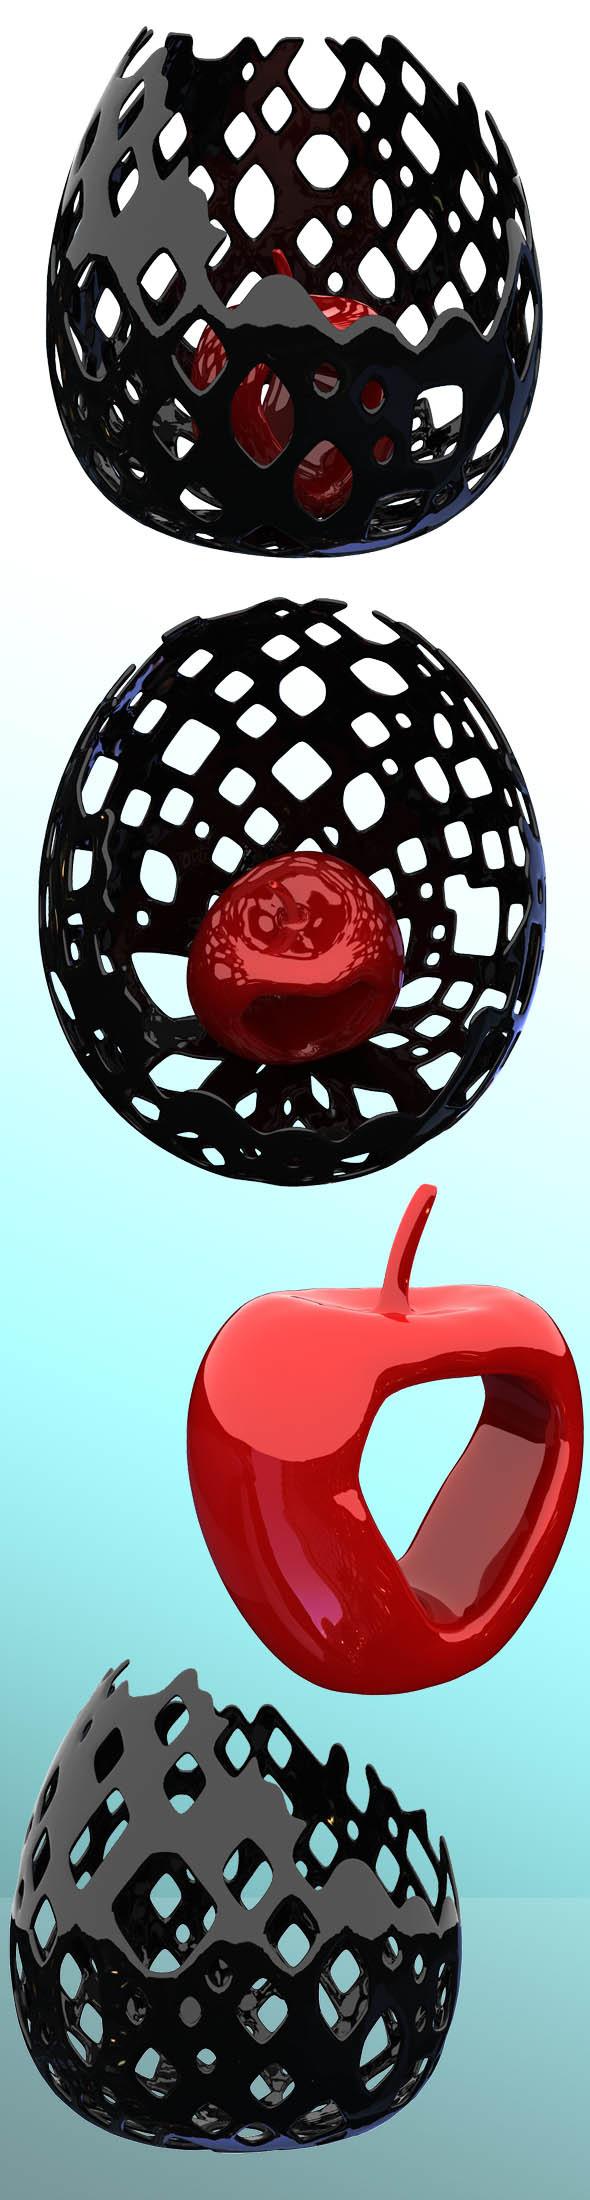 3DOcean Apple in a vase 5999704